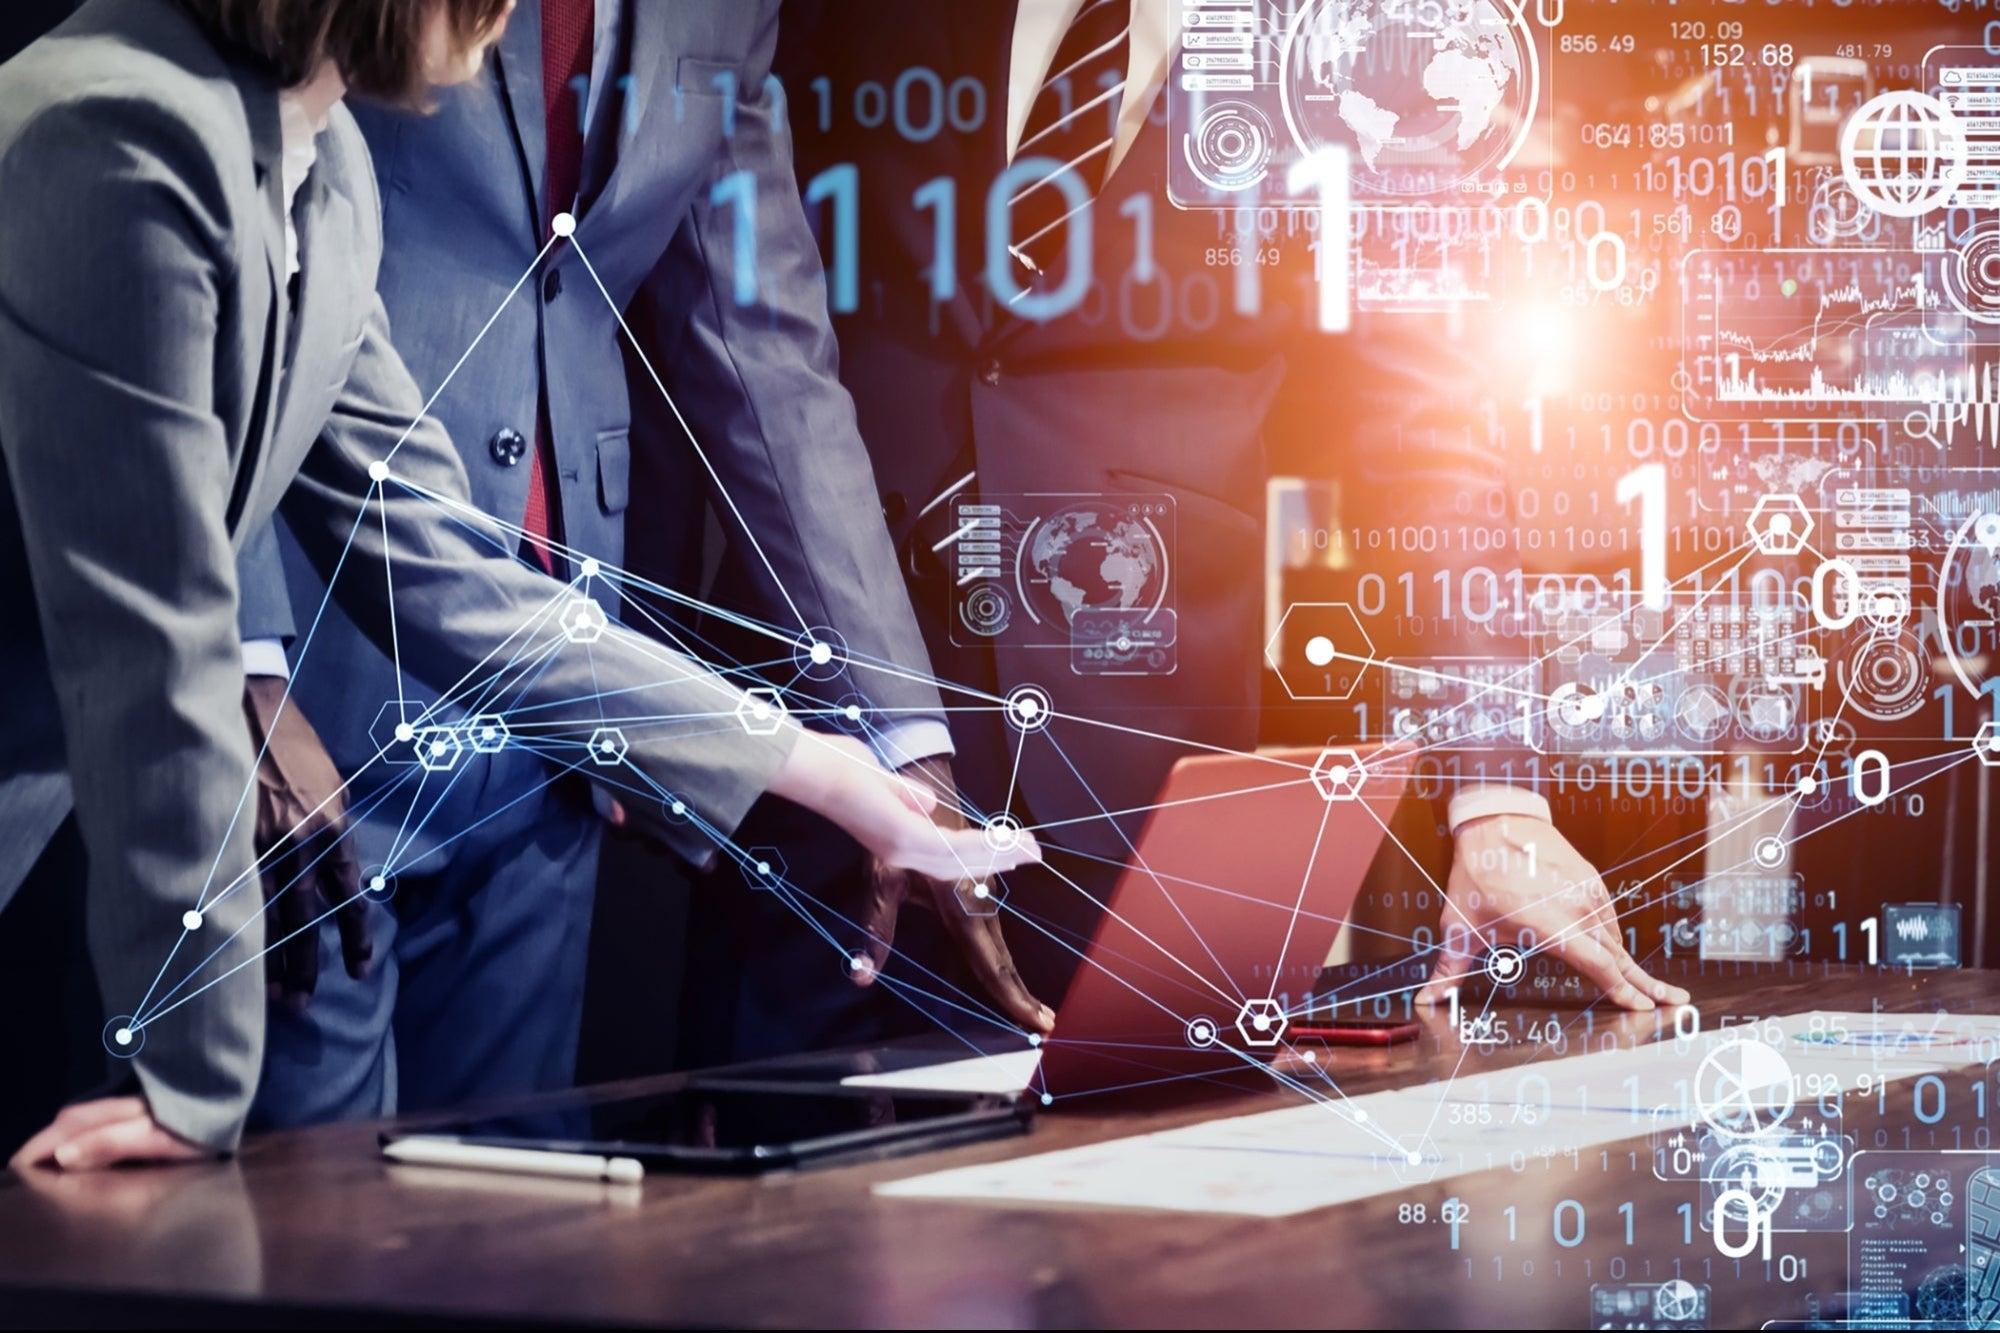 Las 7 mejores herramientas para transformar digitalmente tu negocio en 2021